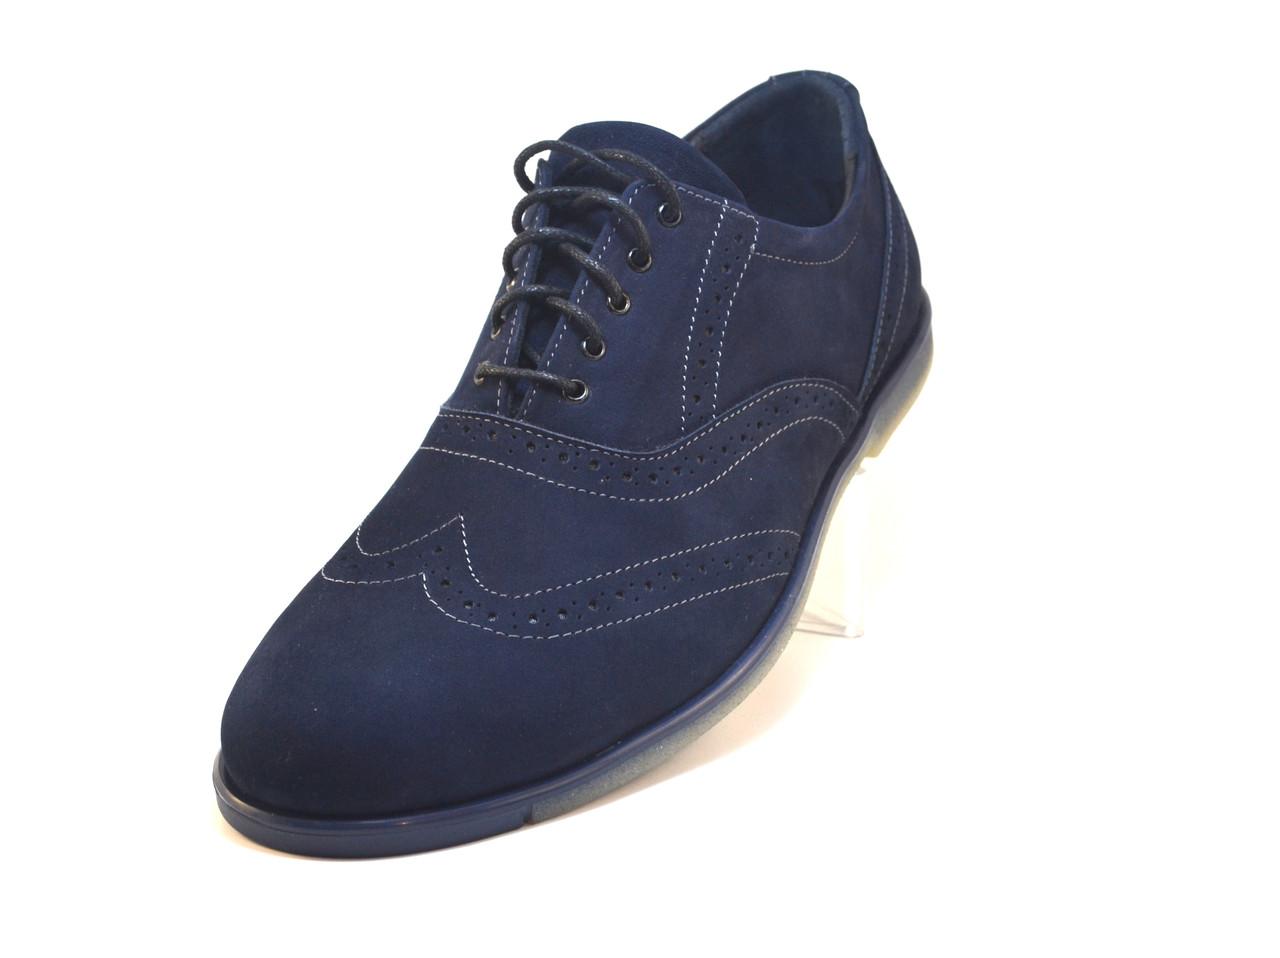 Туфли мужские замшевые броги синие Rosso Avangard Persona Delizia Camoscio Blu